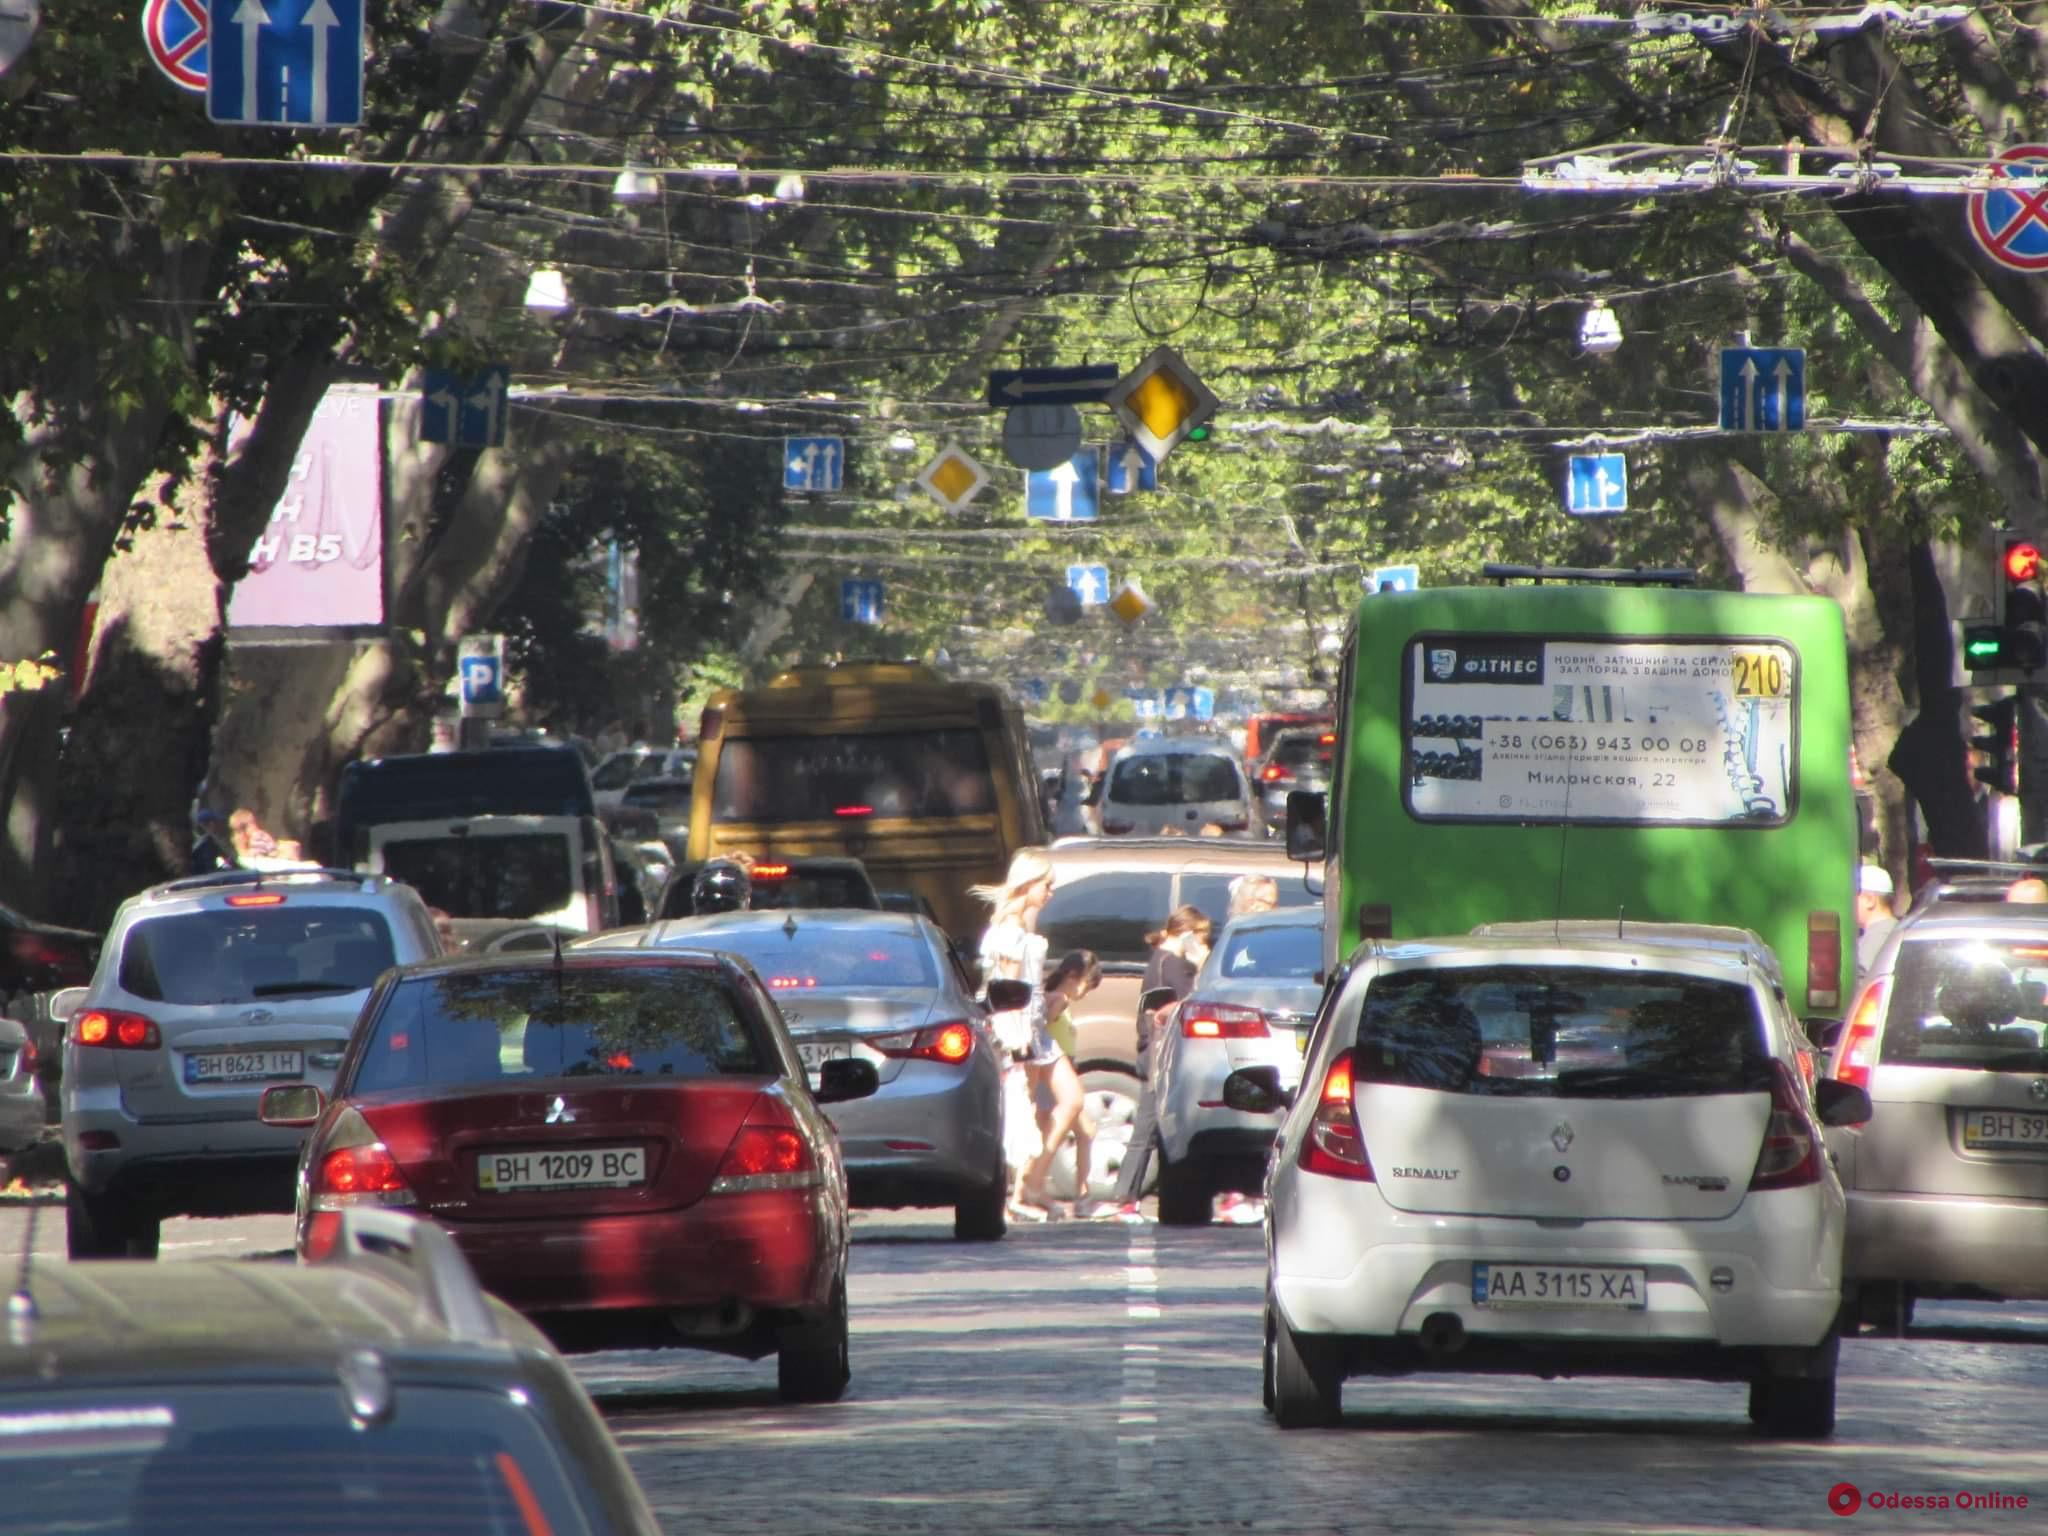 Парковочные столбики, новая разметка и подсветка переходов: в Одессе изменили программу дорожной безопасности